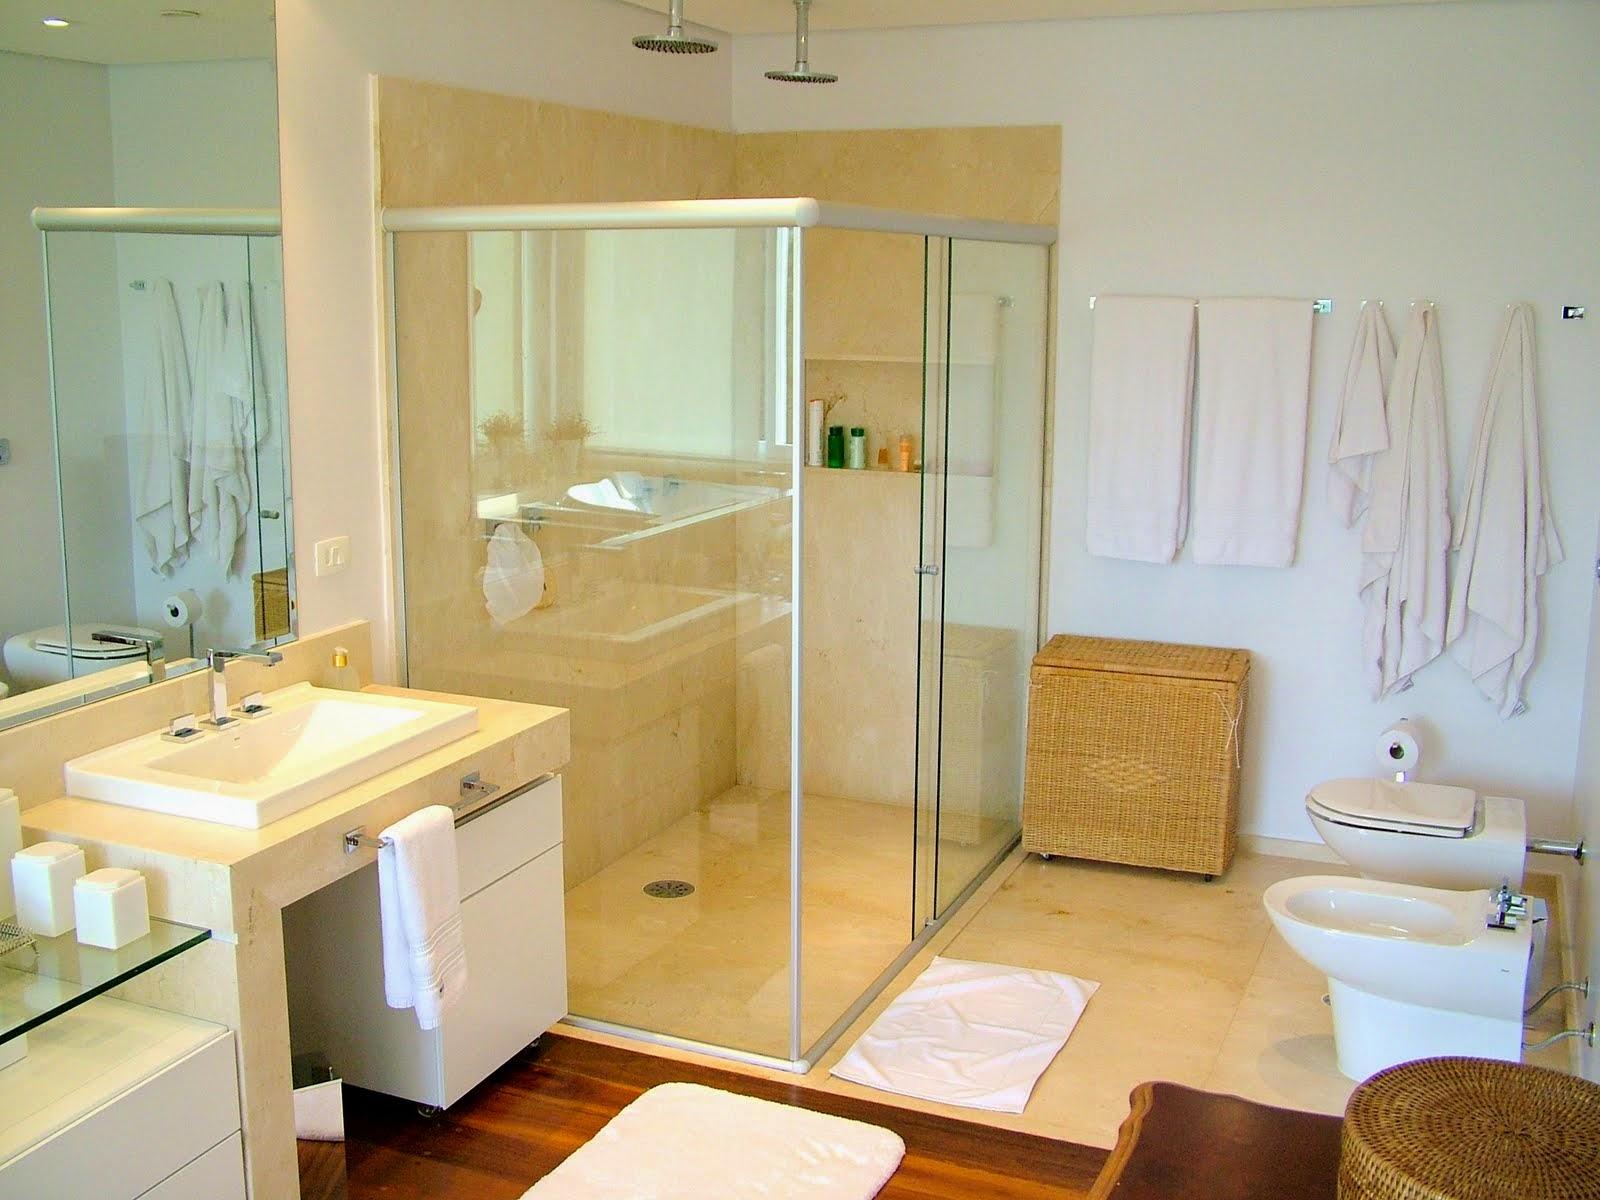 Imagens de #703D17  decoracao de banheiros pequenos com box box para banheiro  1600x1200 px 2754 Box Banheiro Olx Rj